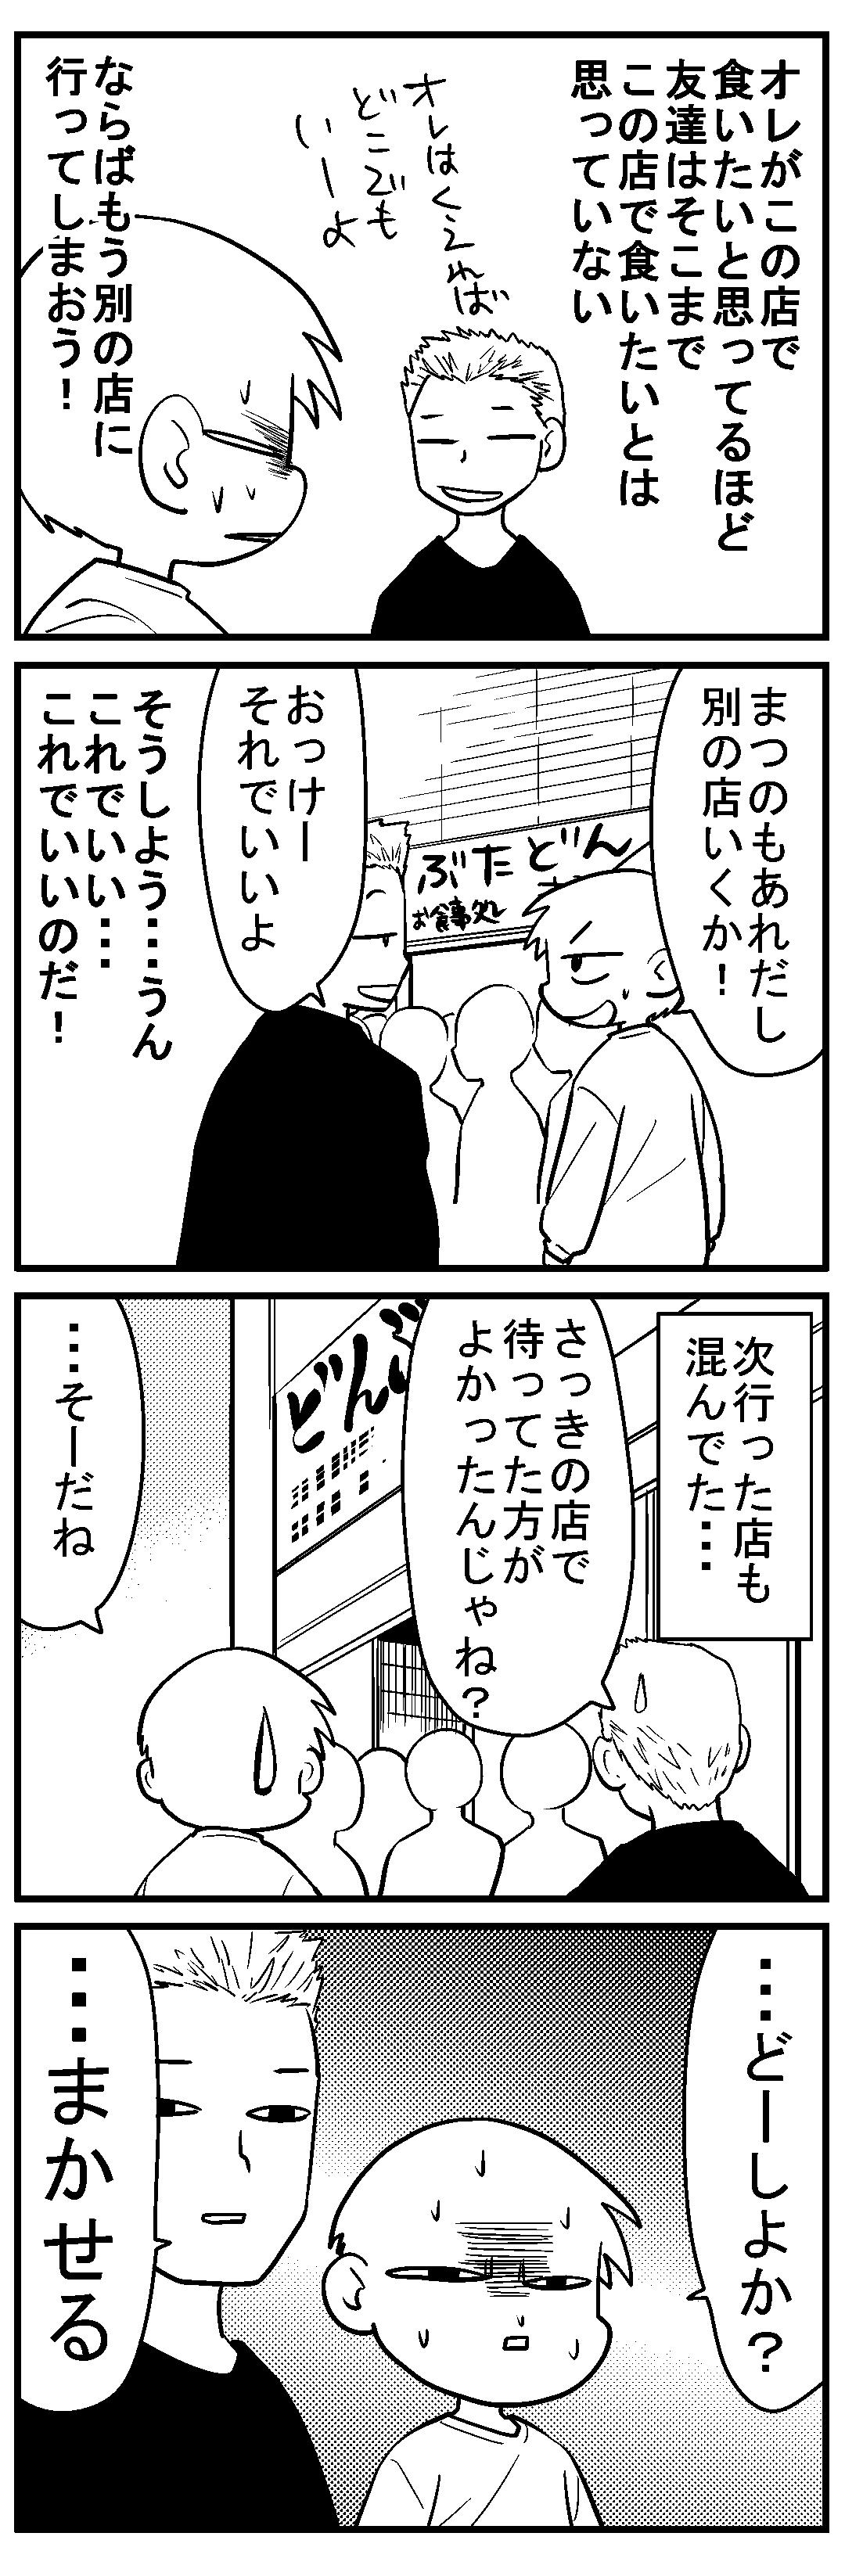 深読みくん30 4